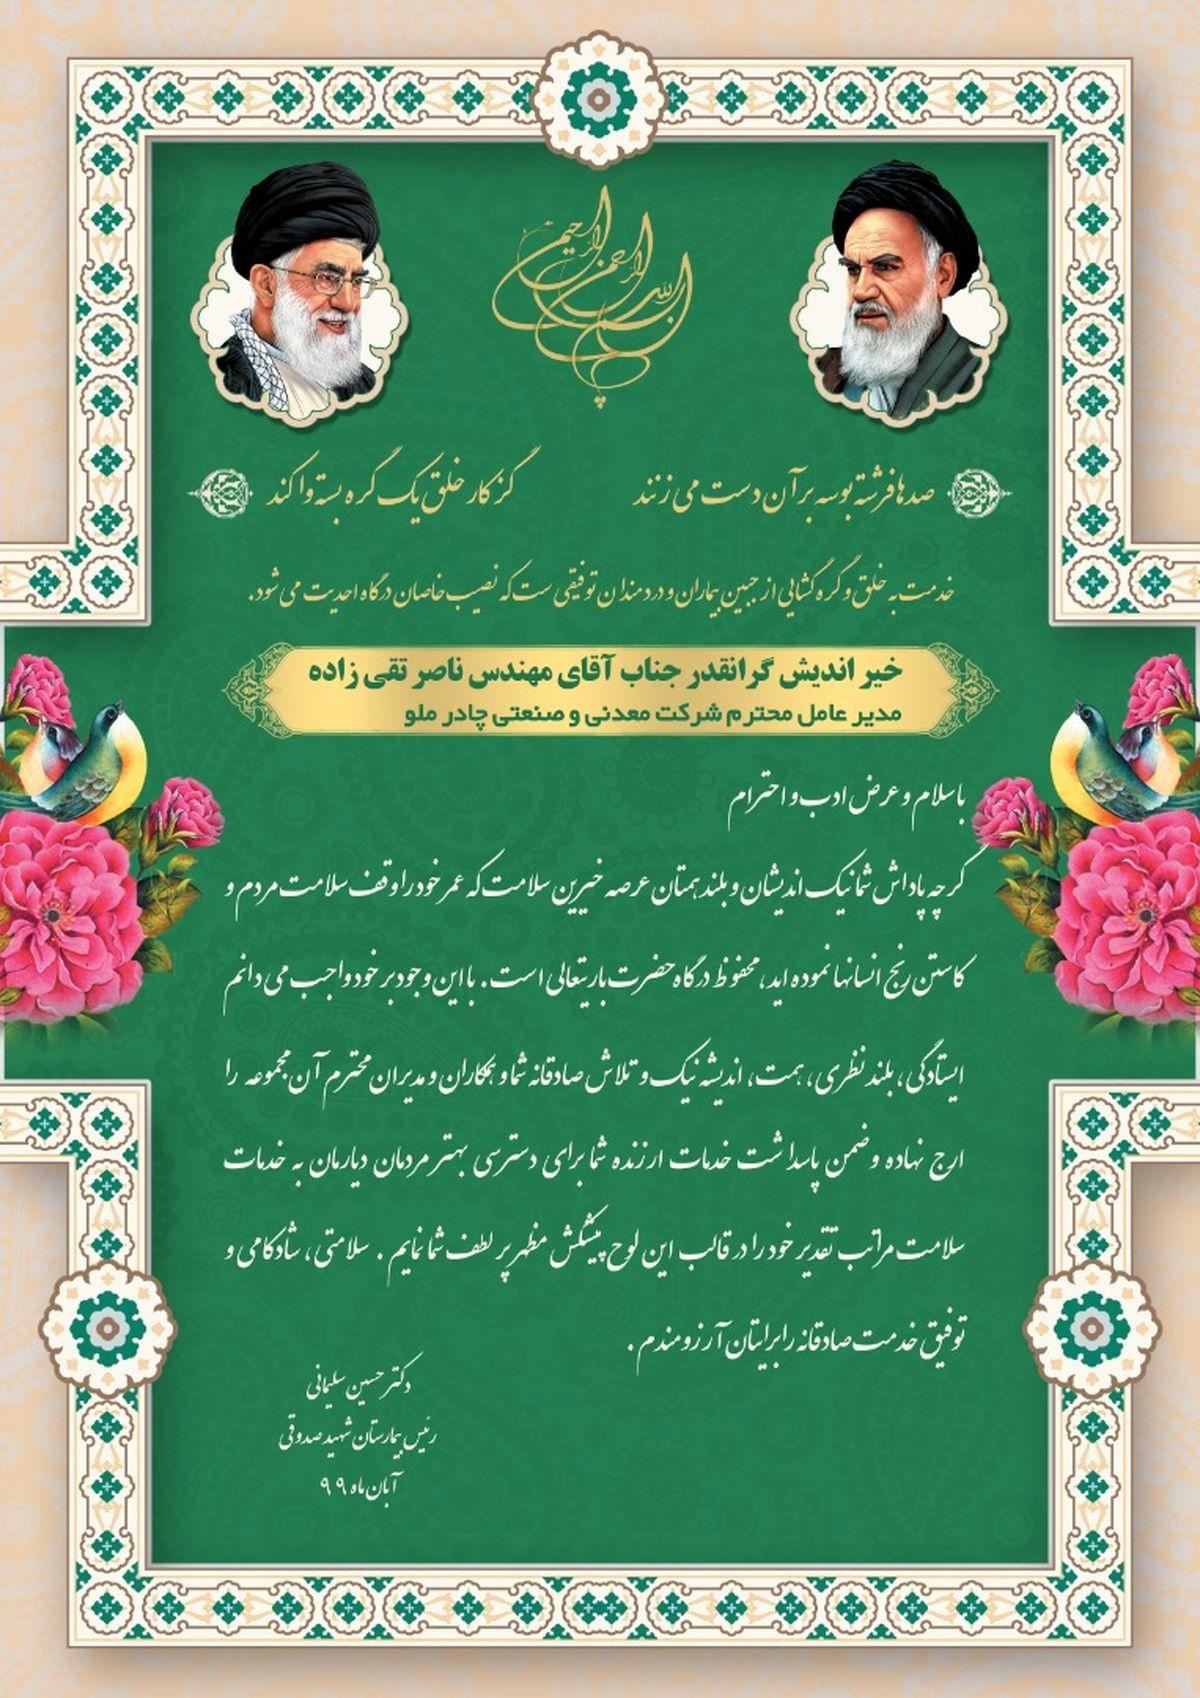 قدردانی و تشکر رییس بیمارستان شهید صدوقی یزد از مدیر عامل چادرملو